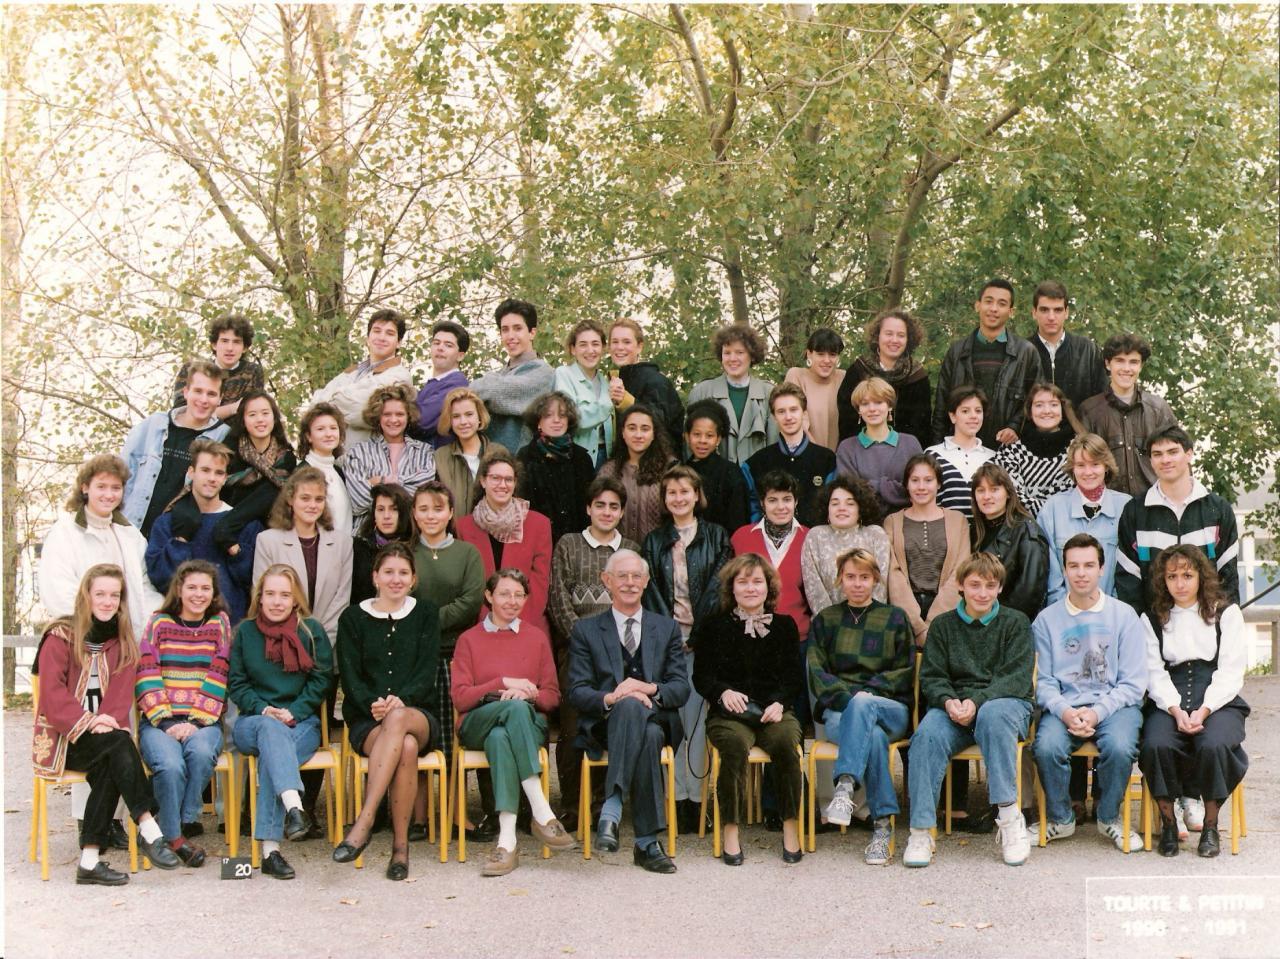 1991 - HEC 1 & 2